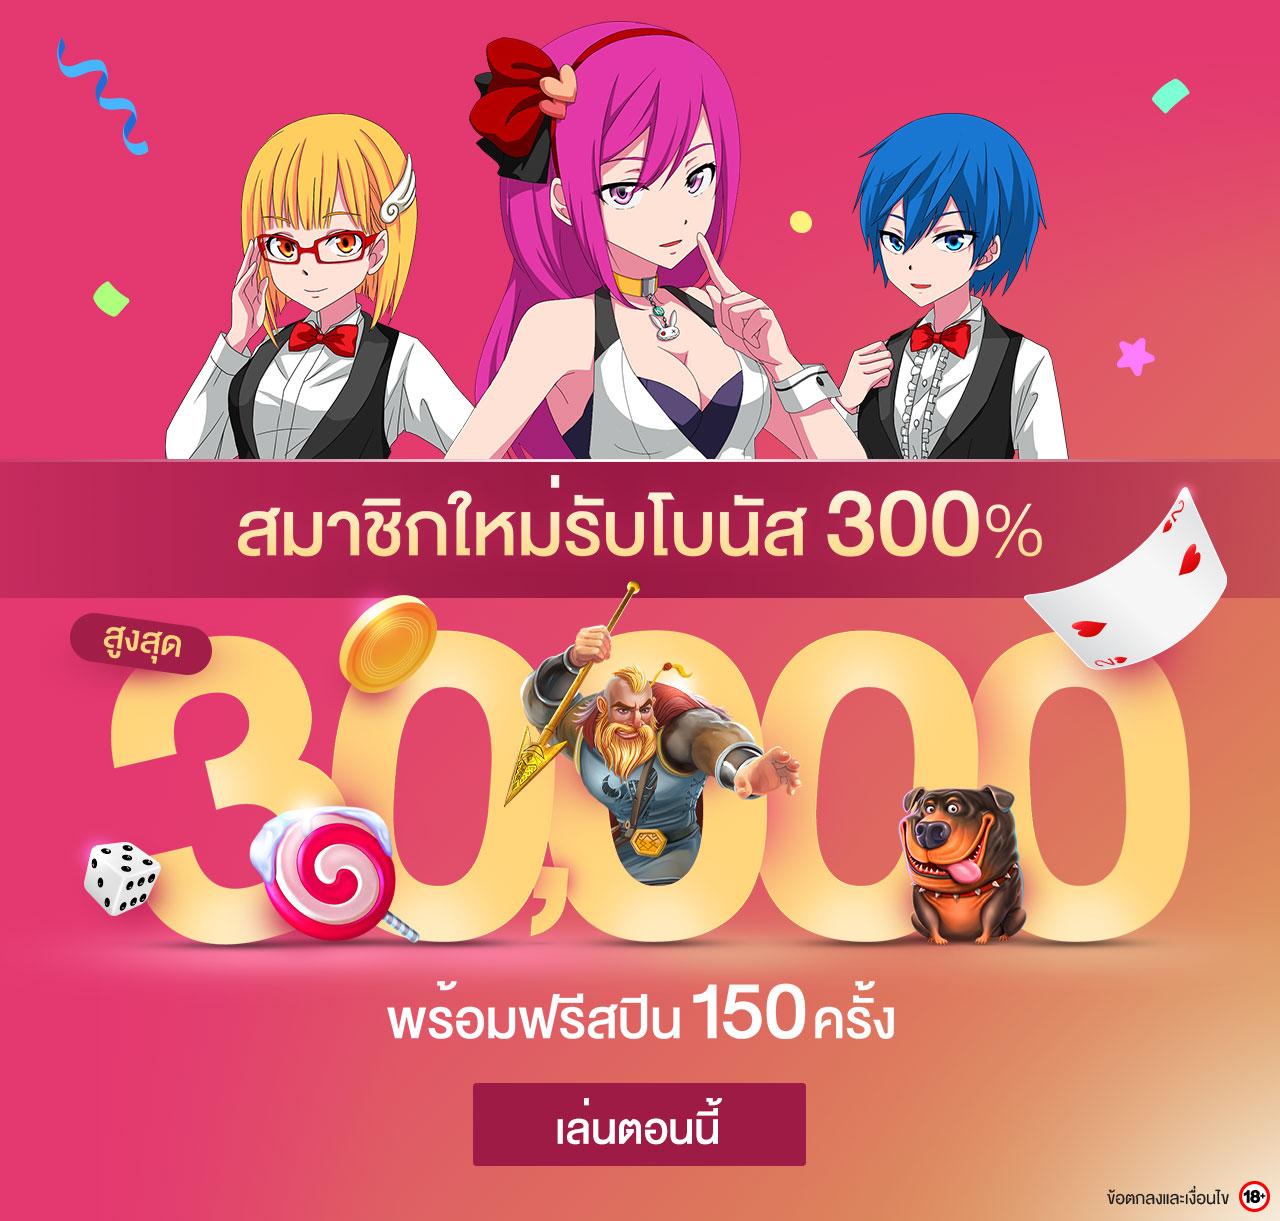 สมาชิกใหม่ LuckyNiki รับโบนัสฟรี 300% สูงสุดถึง 30,000